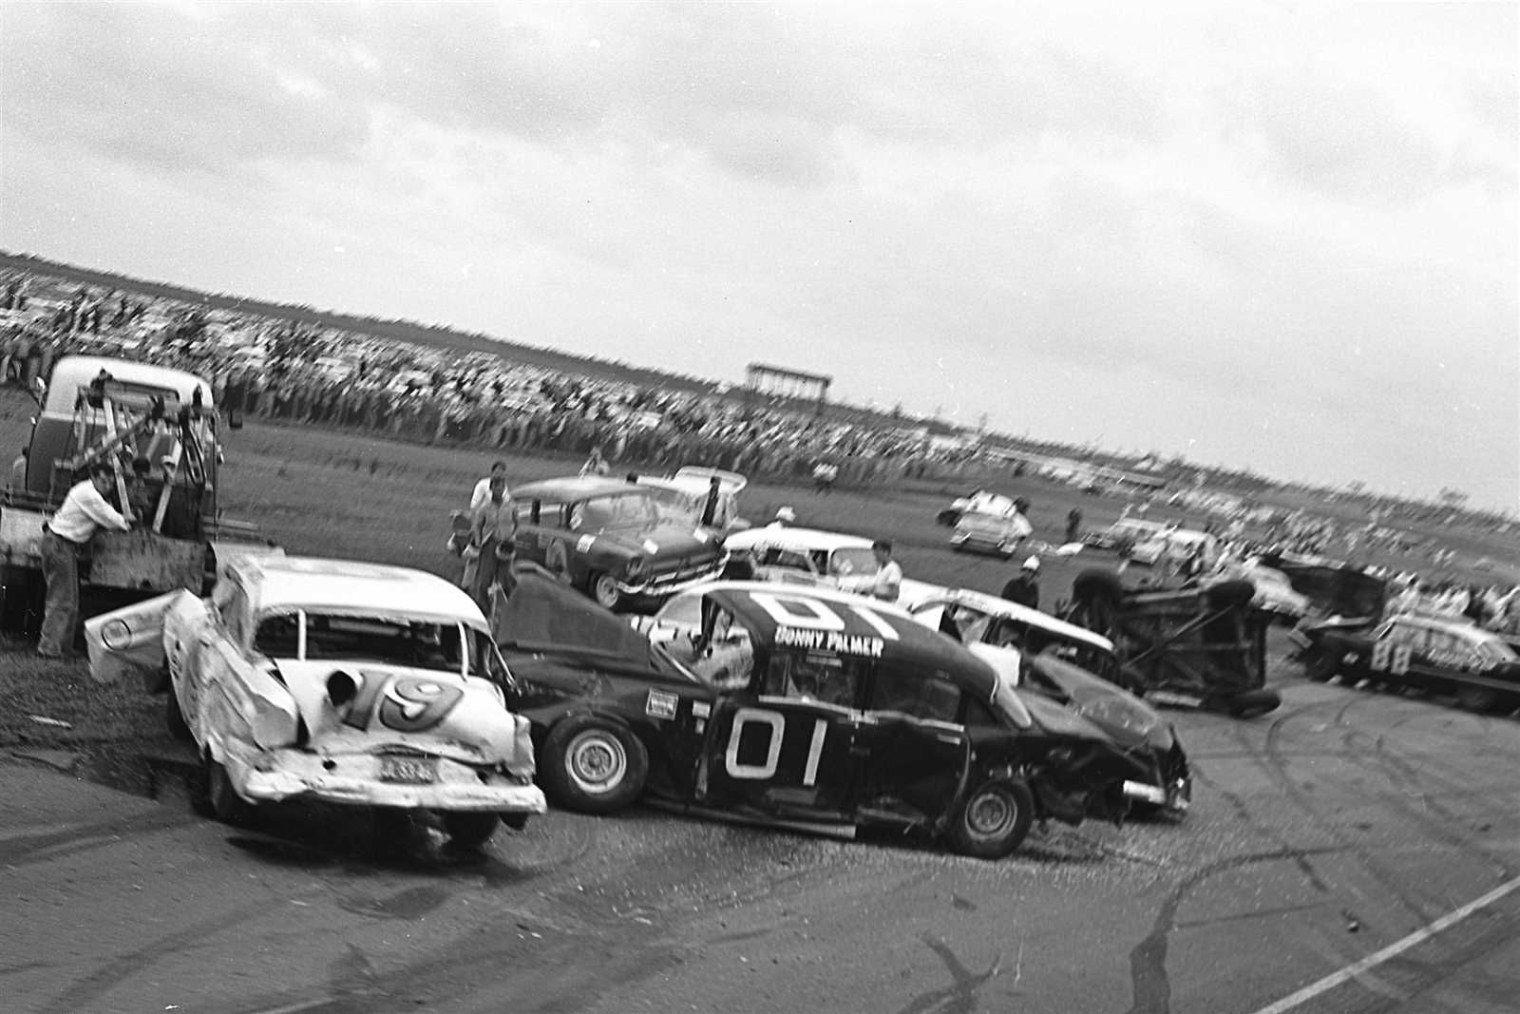 Car repair photos sprint car racing nascar crash racing